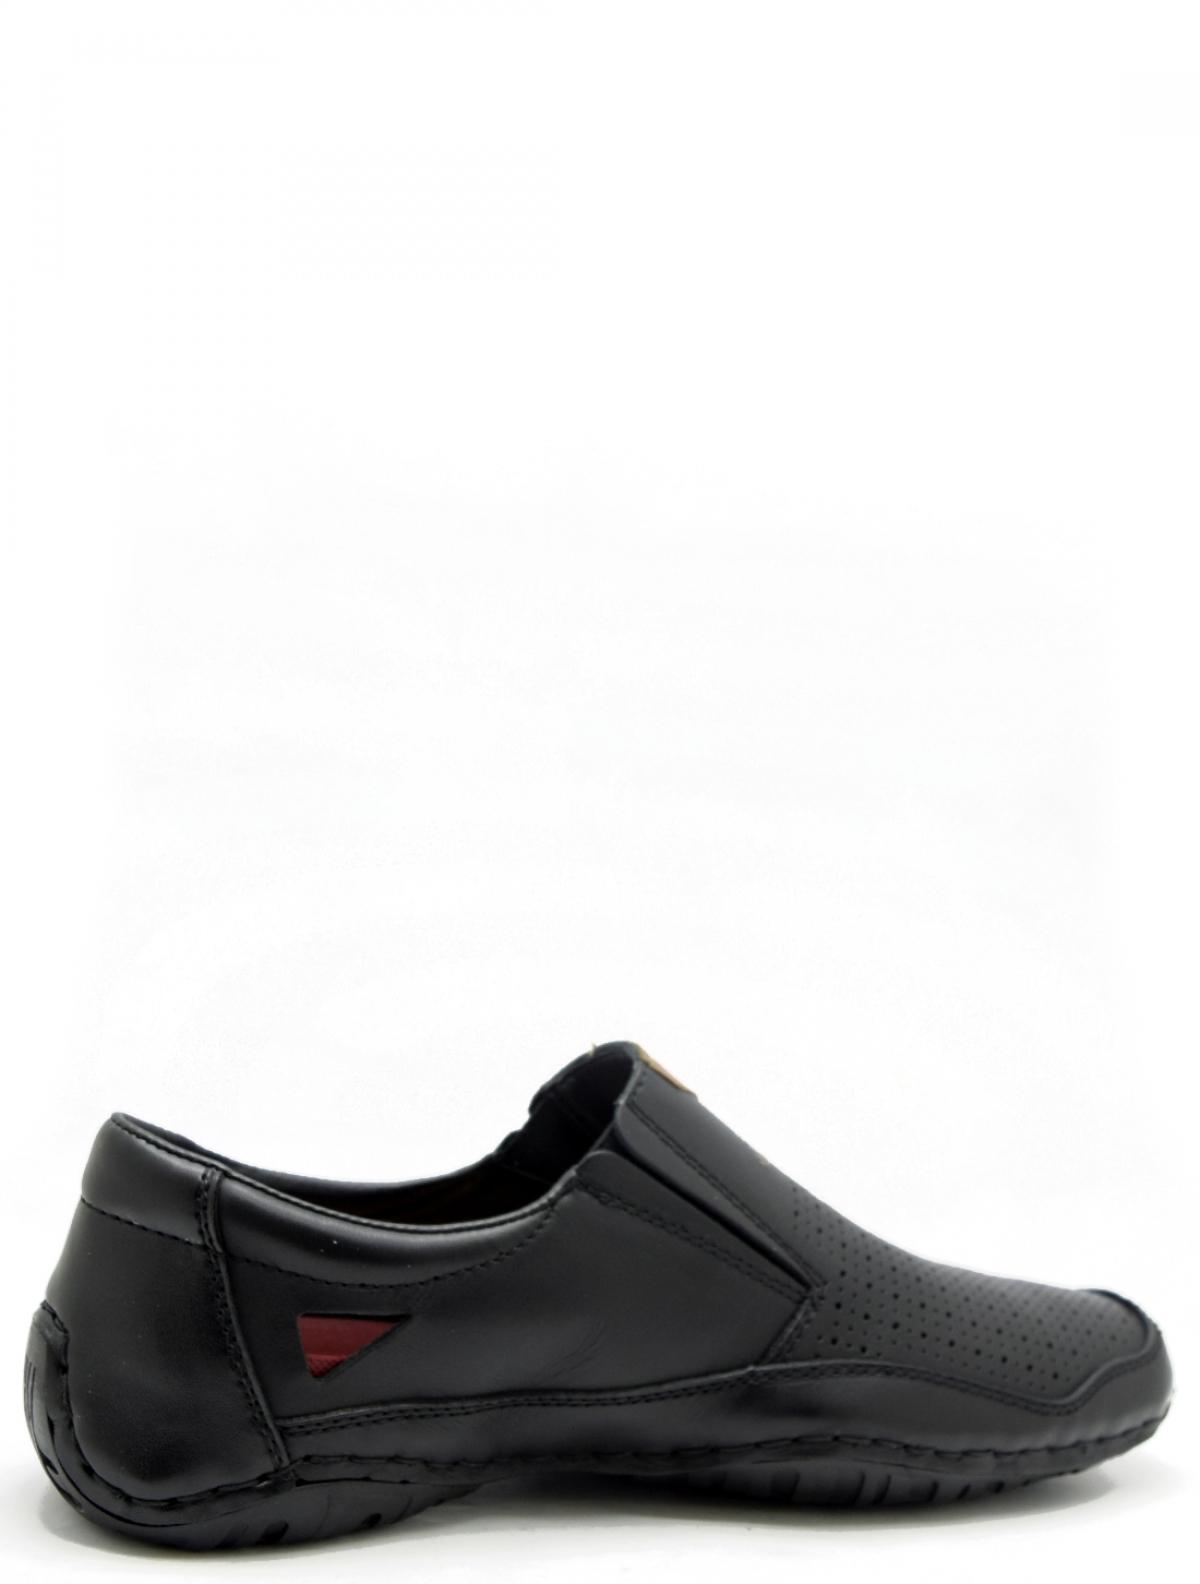 Rieker 06357-00 мужские туфли